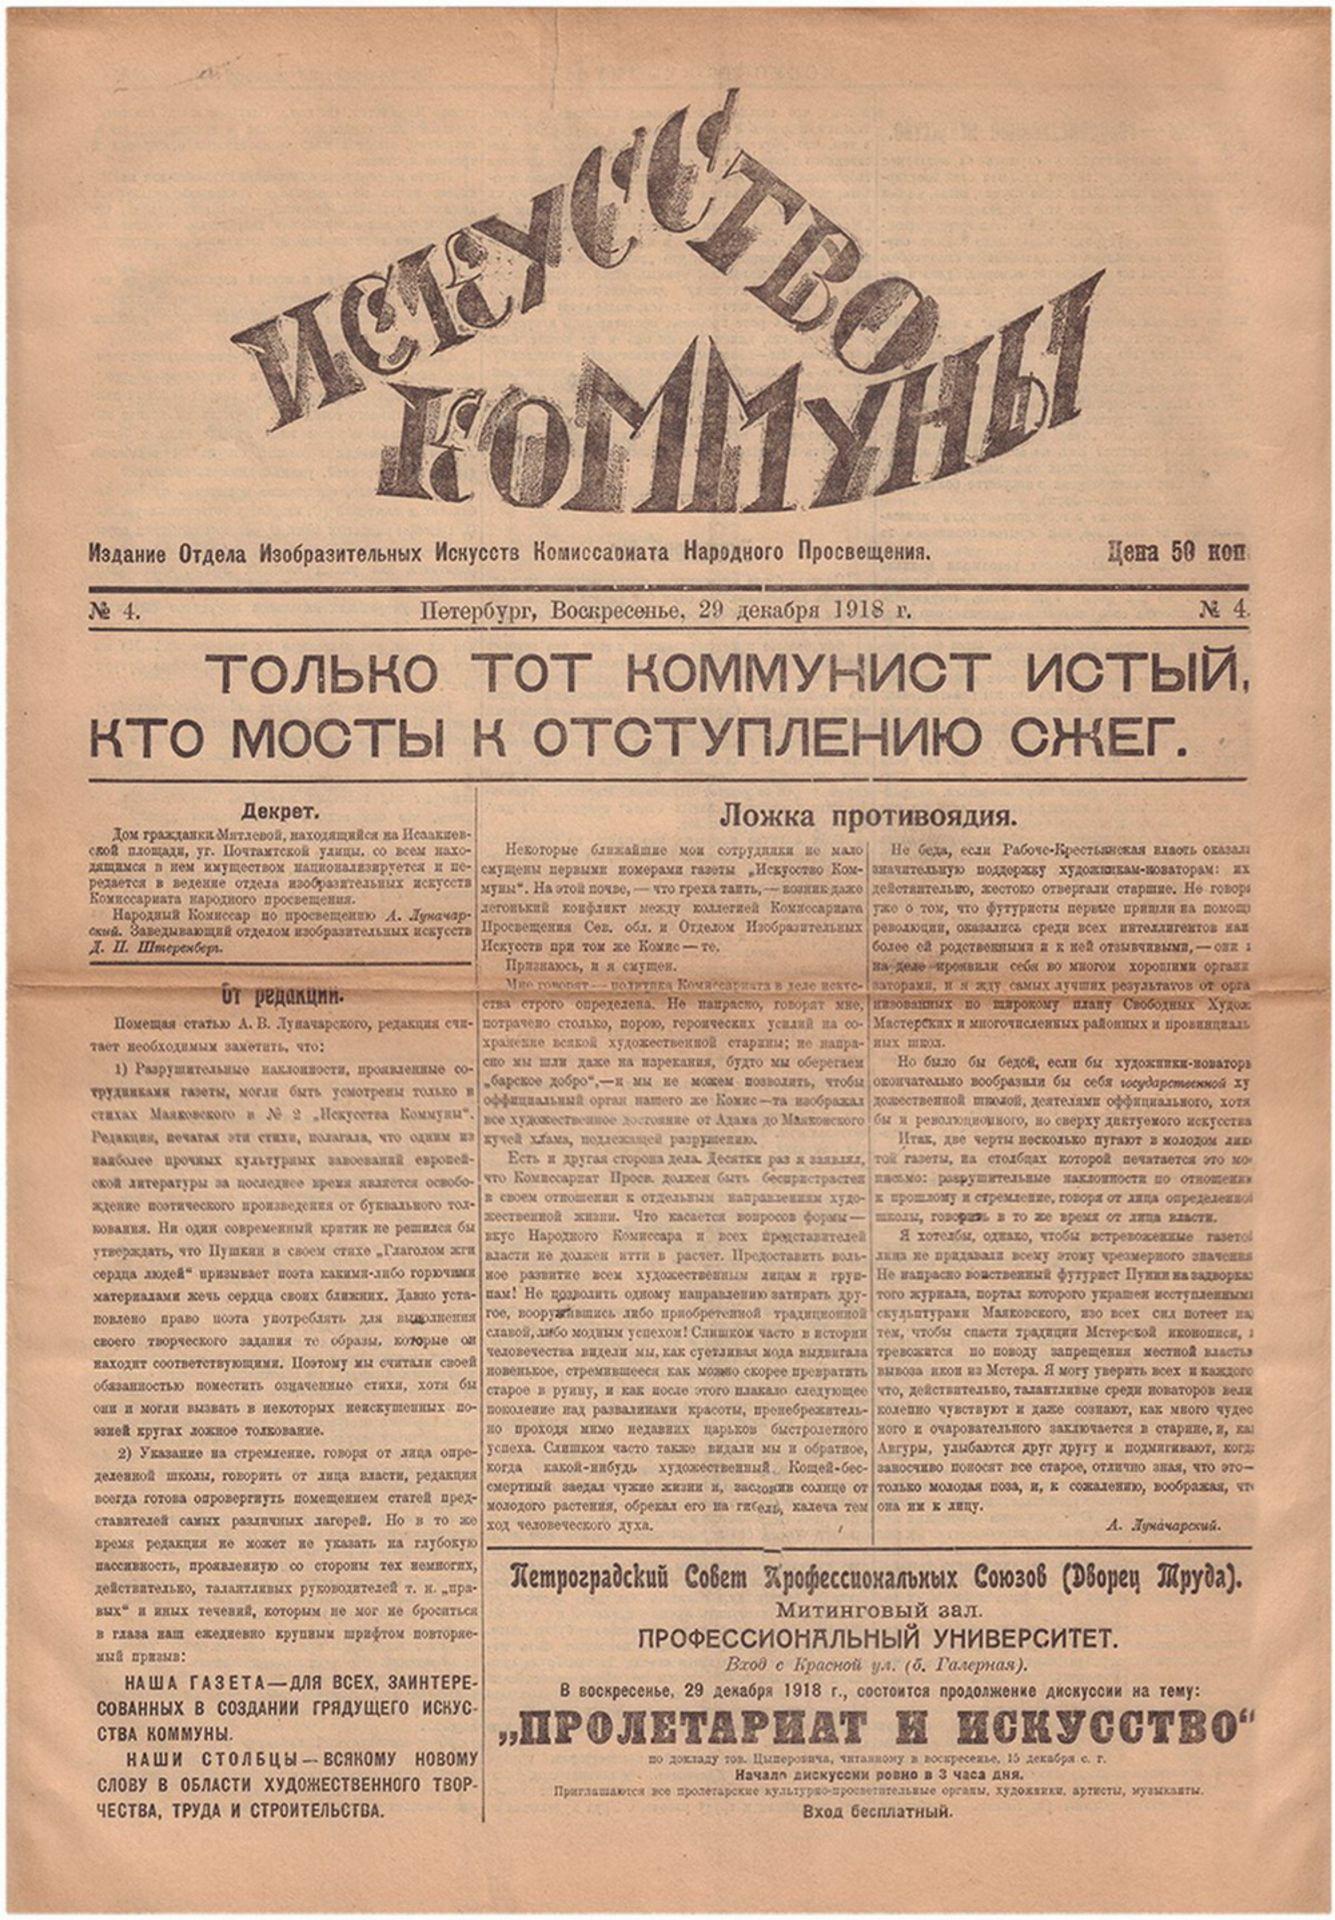 """[Soviet art]. Newspaper """"Art of commune"""". Issue 4th, 29th December 1918. - Petrograd, 1918. - 4 pp."""